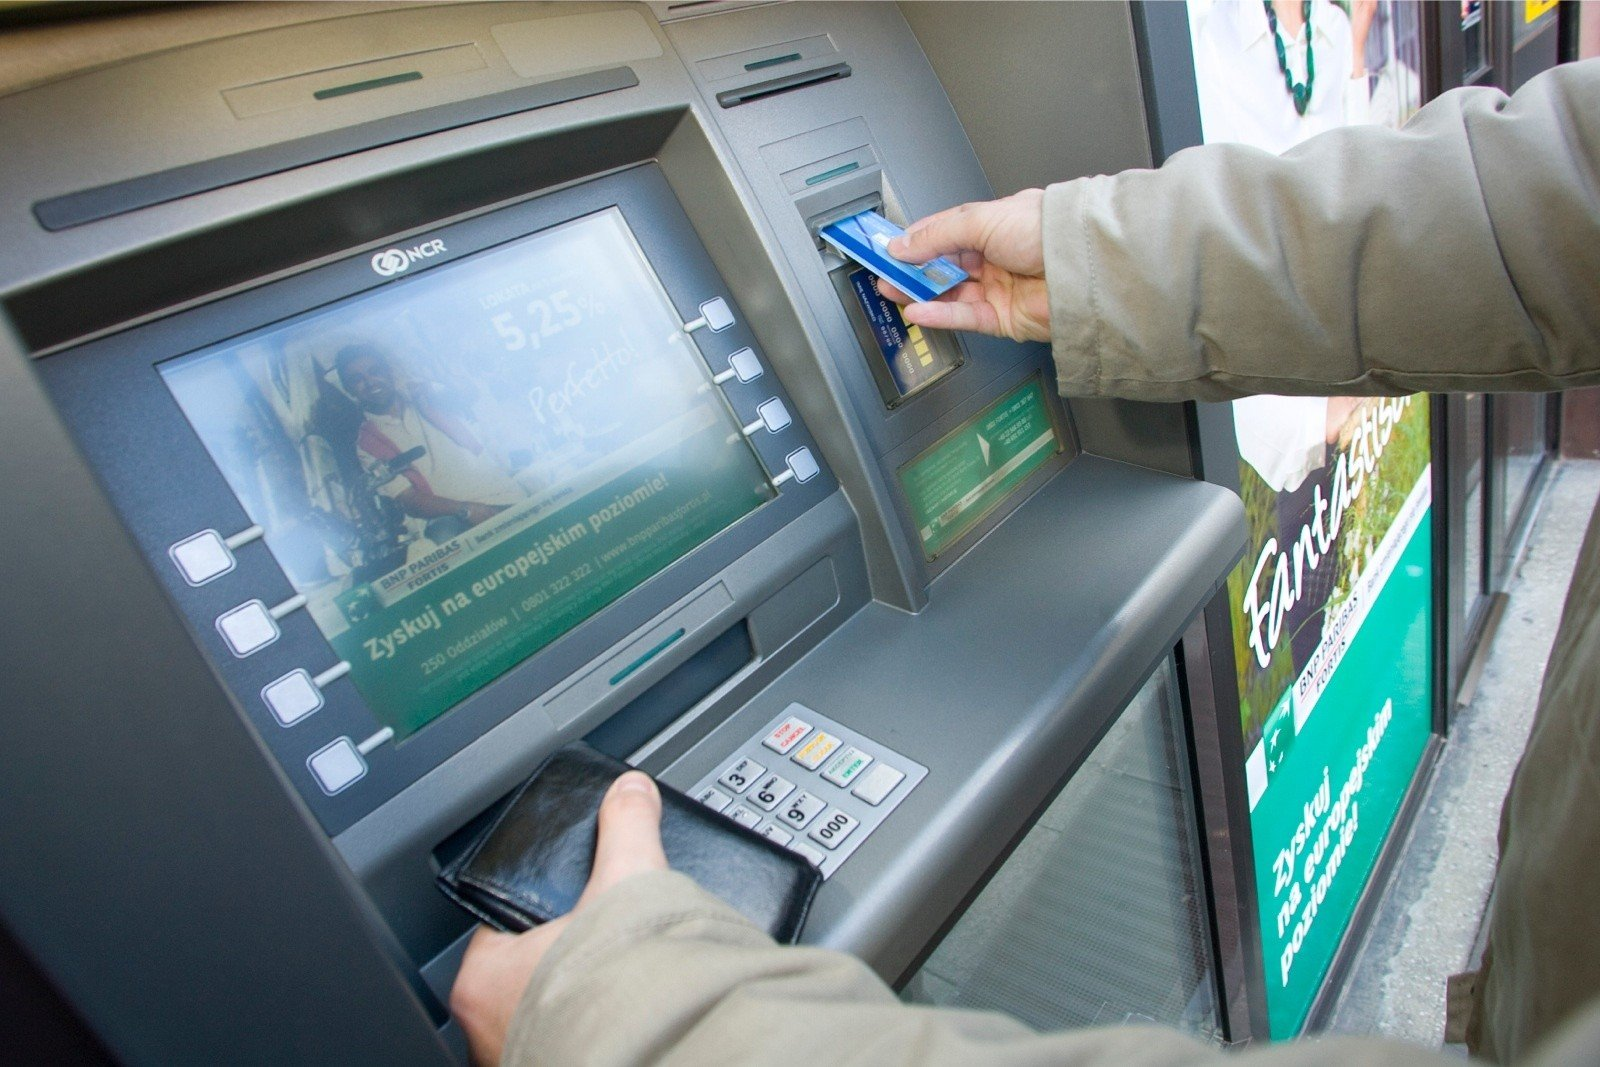 Dwa duże banki znów ostrzegają klientów: Tak oszuści przejmują konta i kradną pieniądze | Gazeta Pomorska